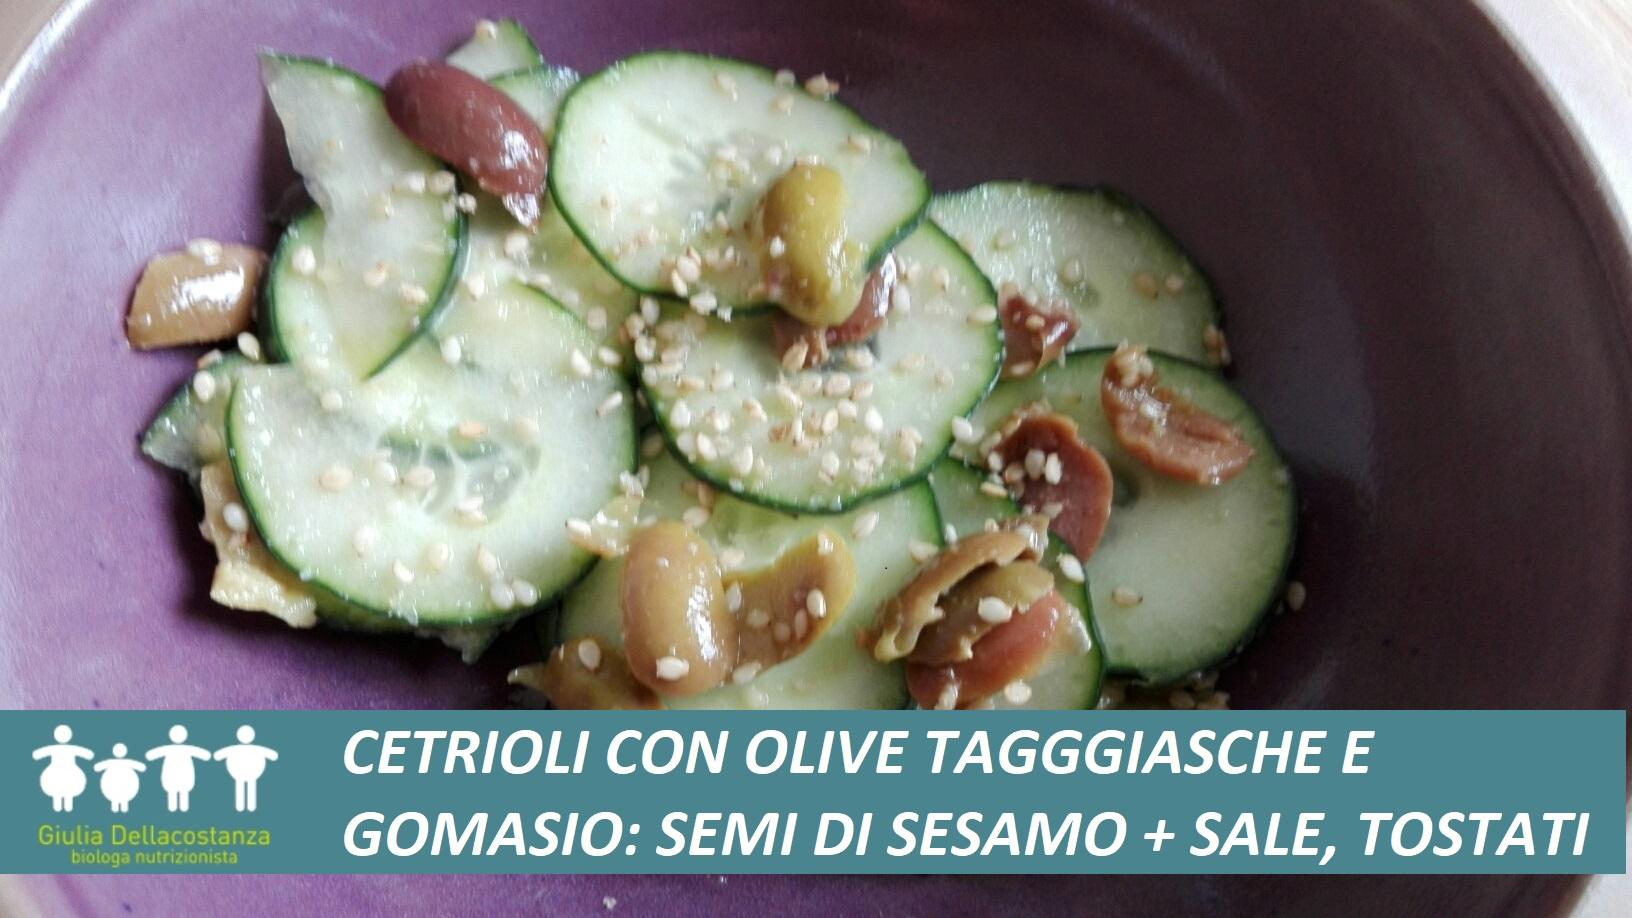 Insalata di cetrioli conditi con semi di sesamo tostati e olive taggiasche.